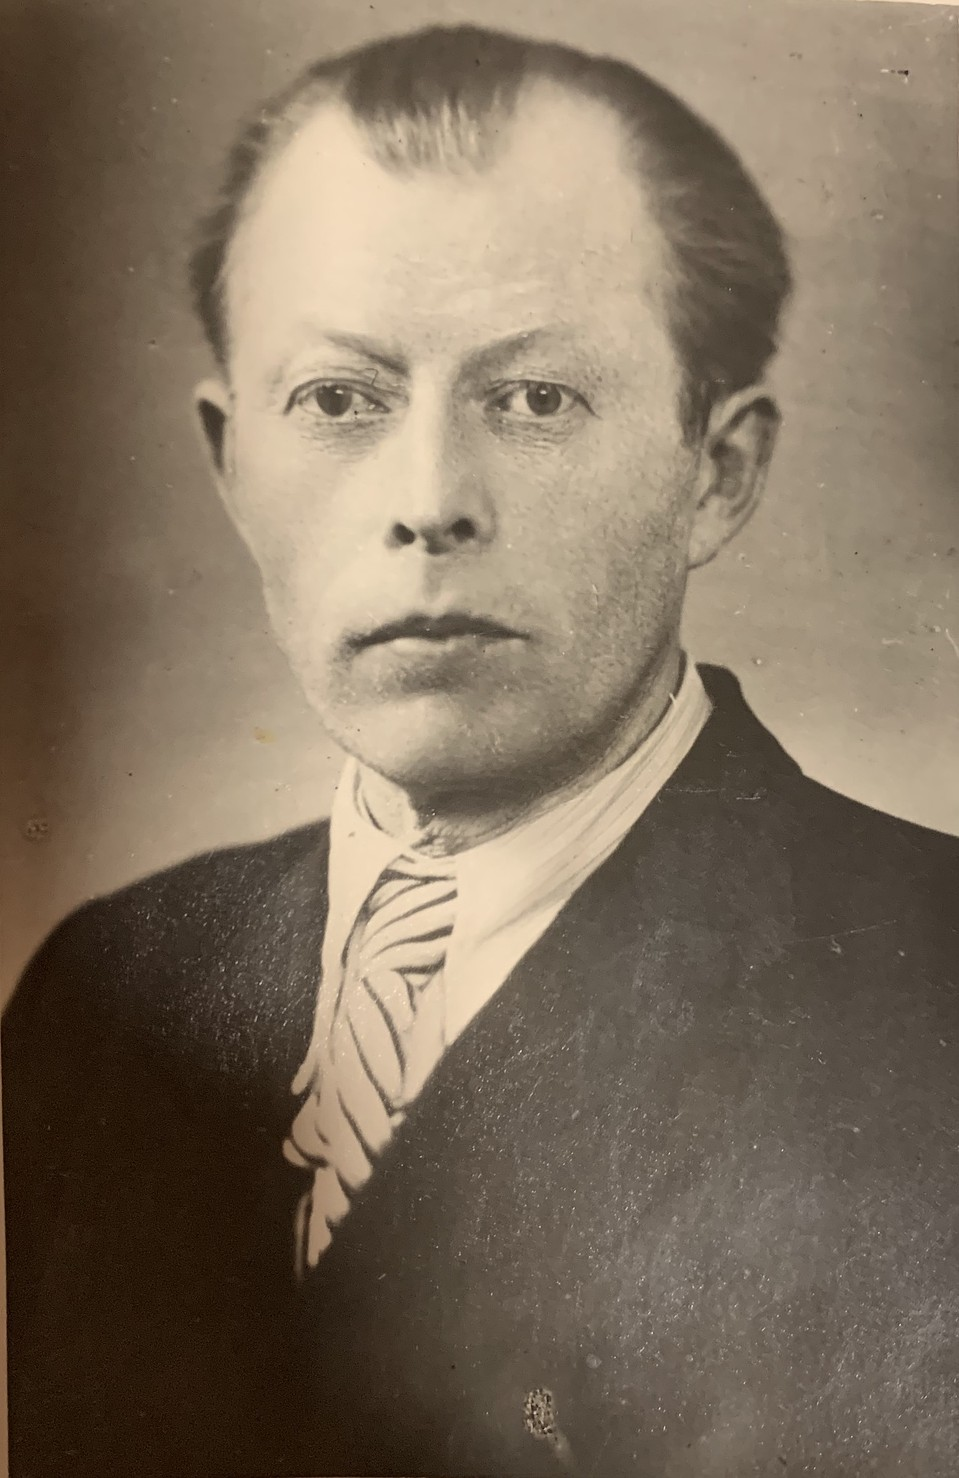 Иванов Владислав Константинович. Послевоенное фото.